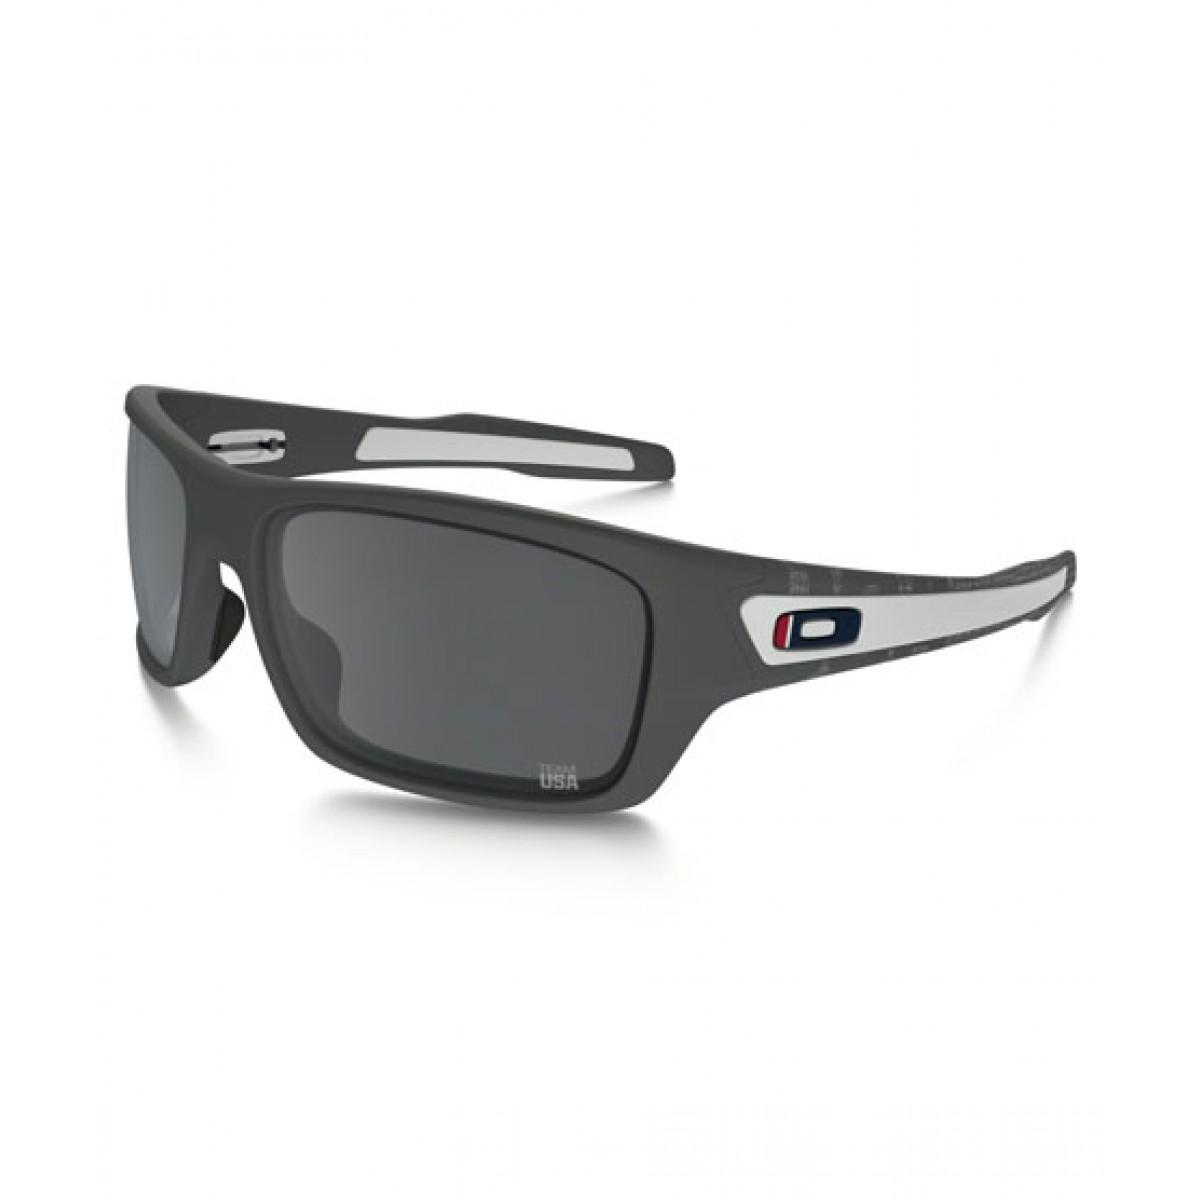 6ae3e2d0caf Oakley Turbine HD Men s Sunglasses Price in Pakistan